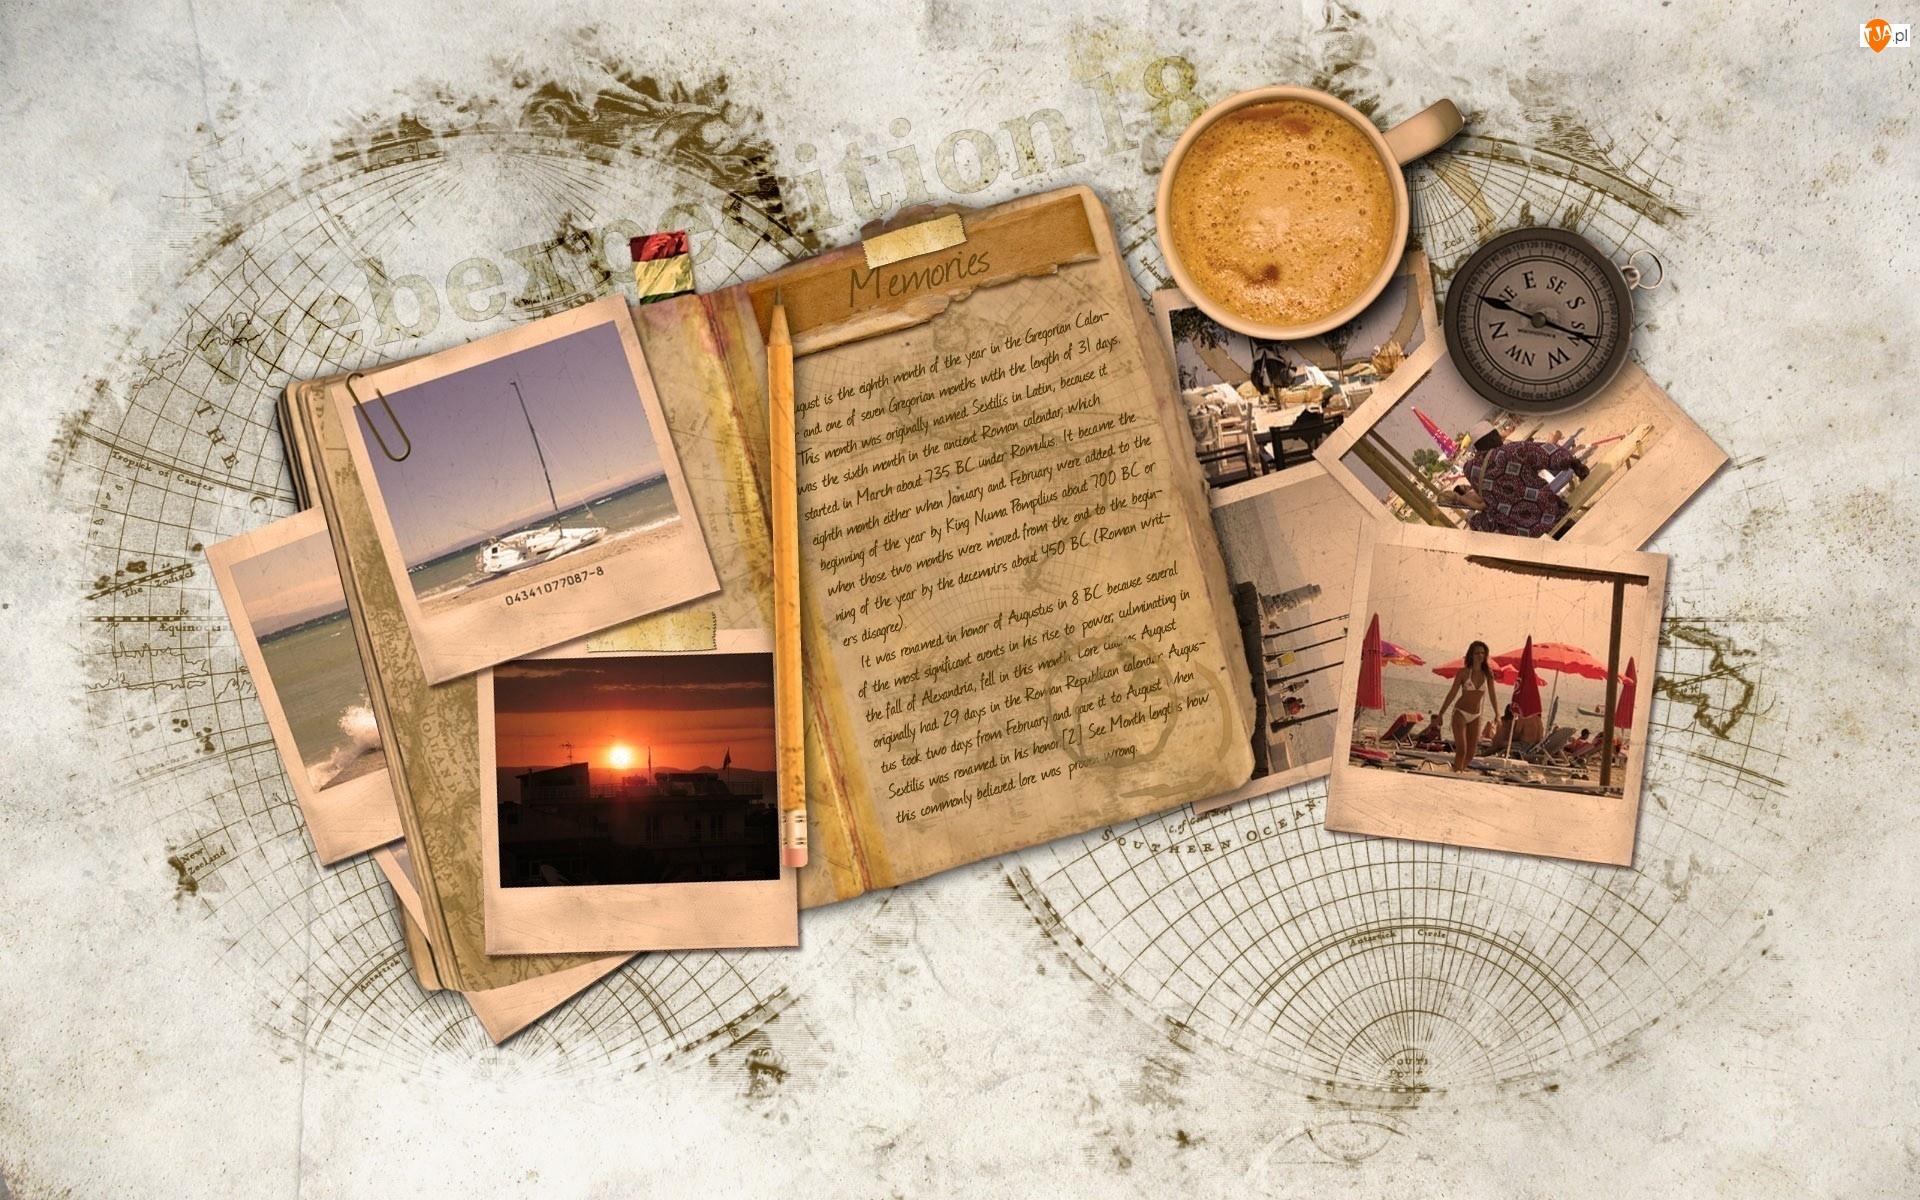 Zdjęcia, Kompas, Ołówek, Kawa